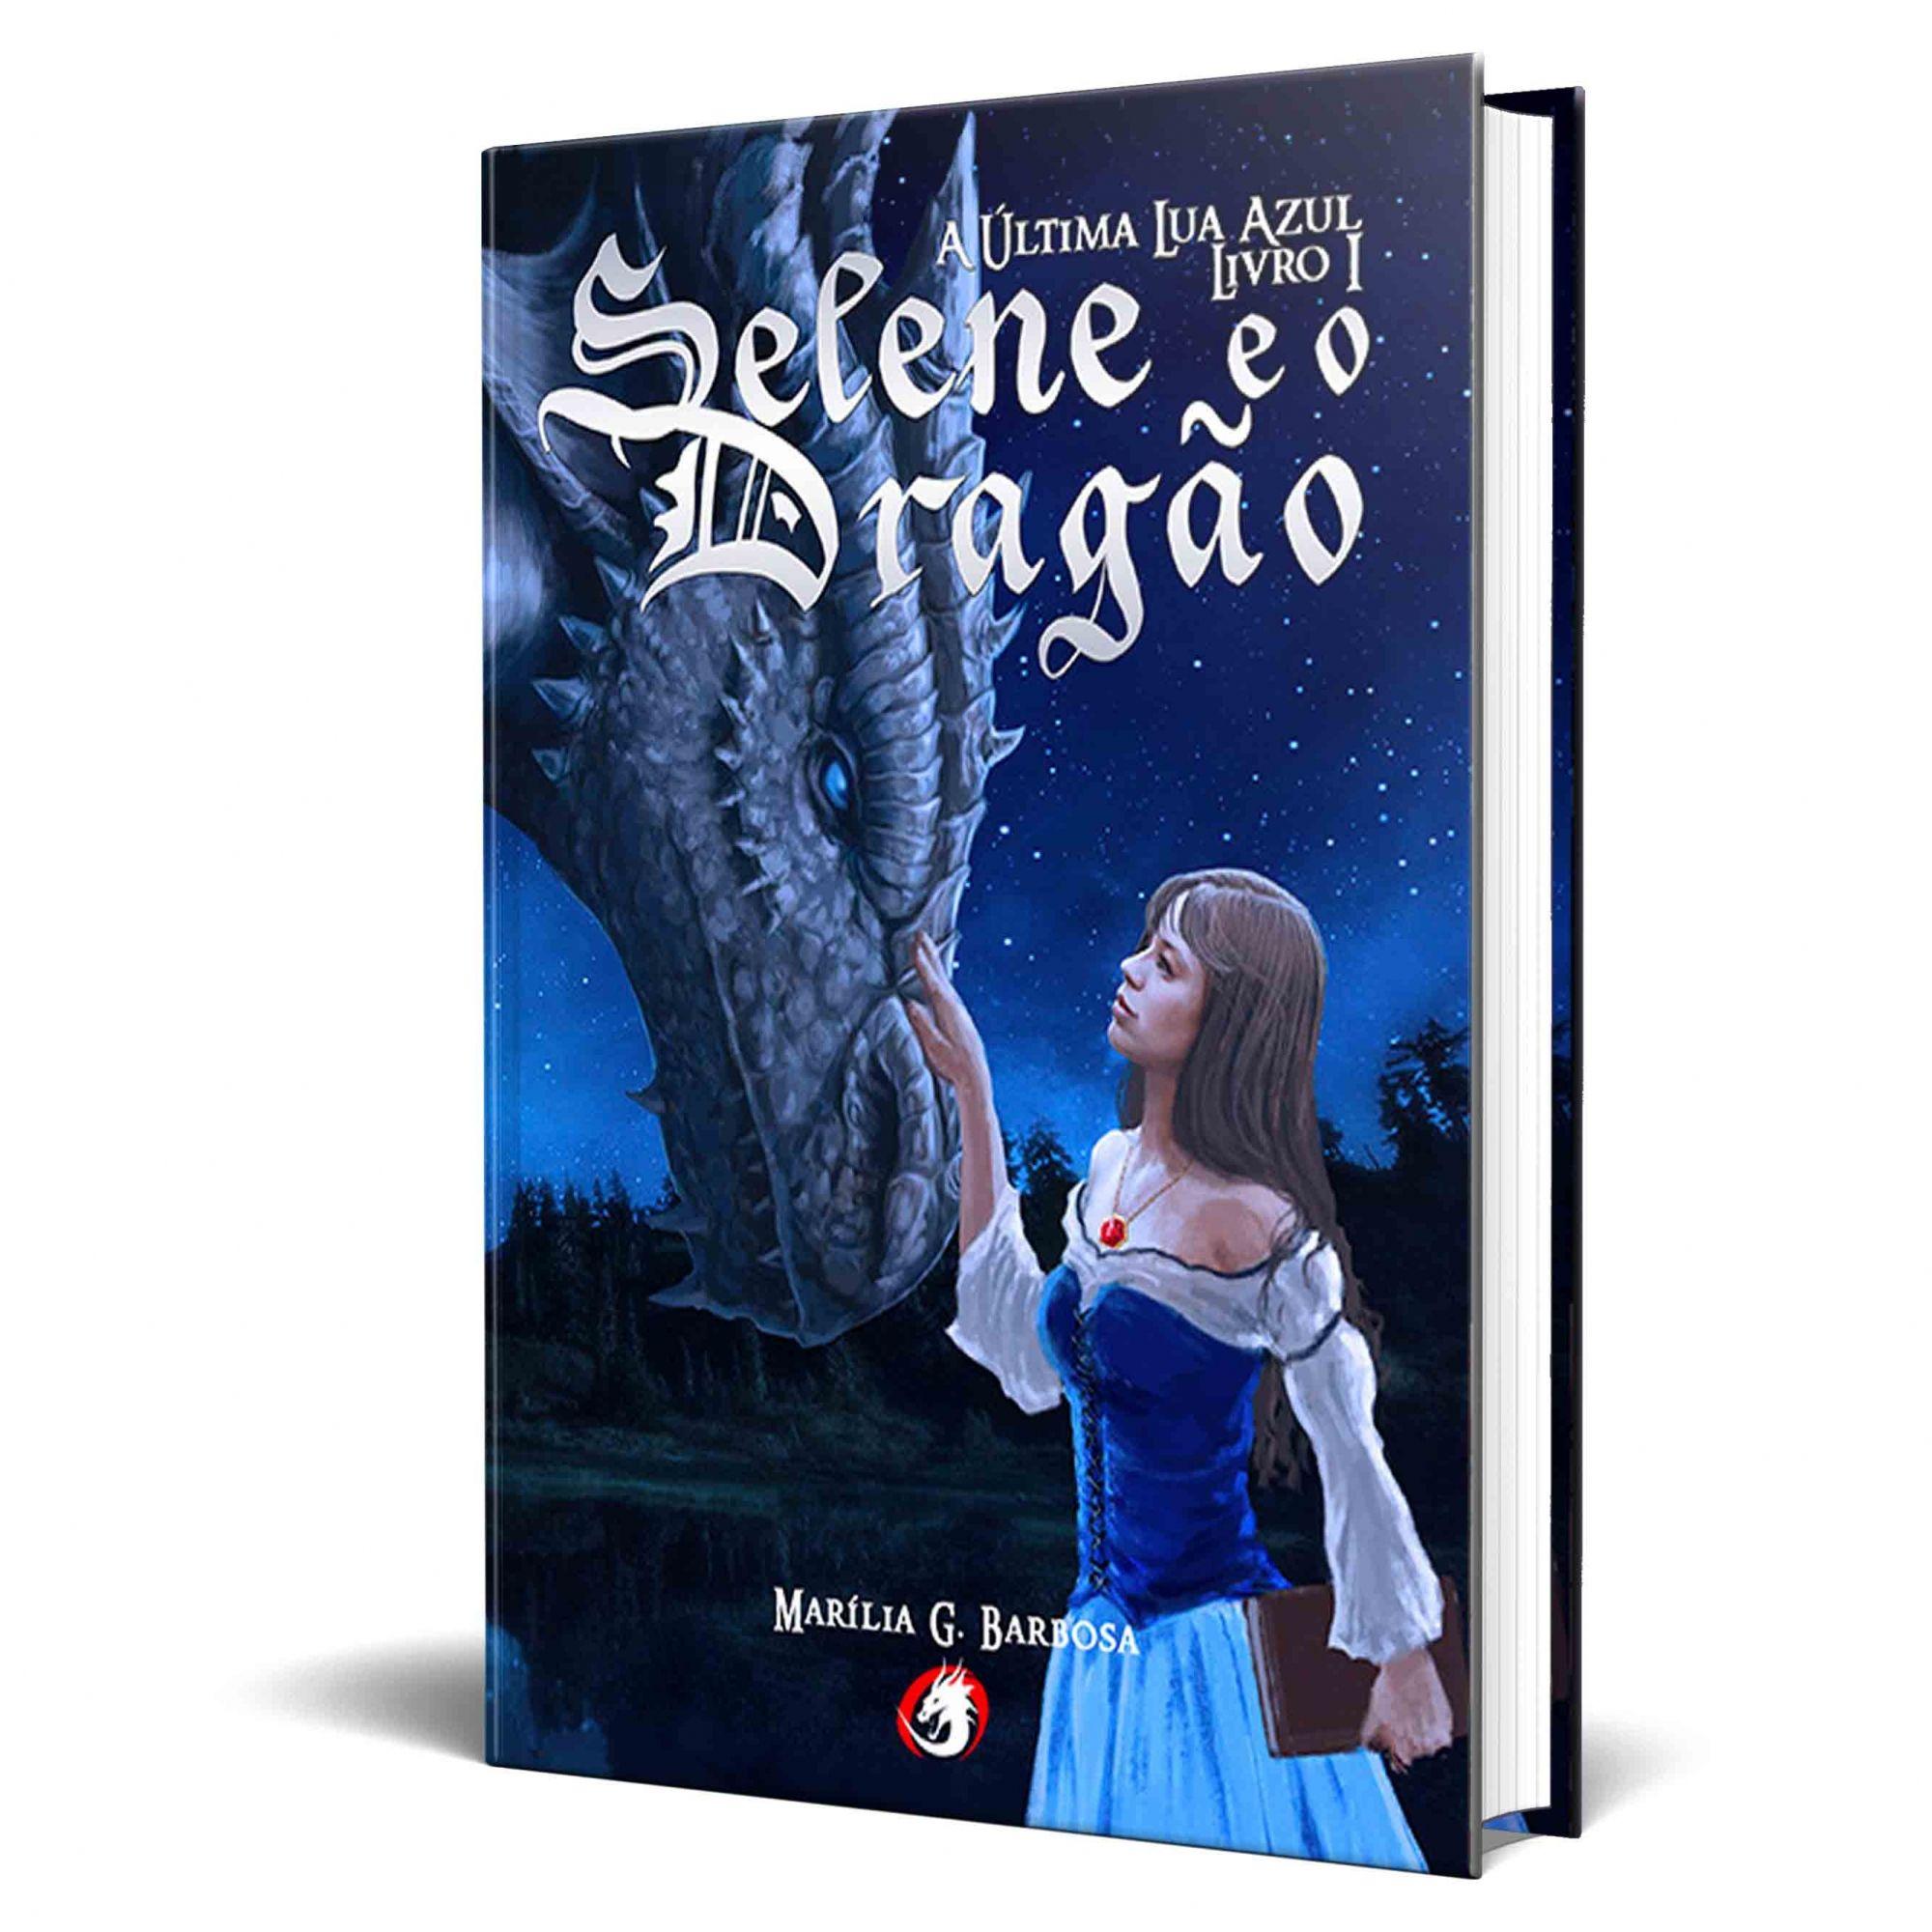 Livro Selene e o Dragão - A Última Lua Azul - Livro 1